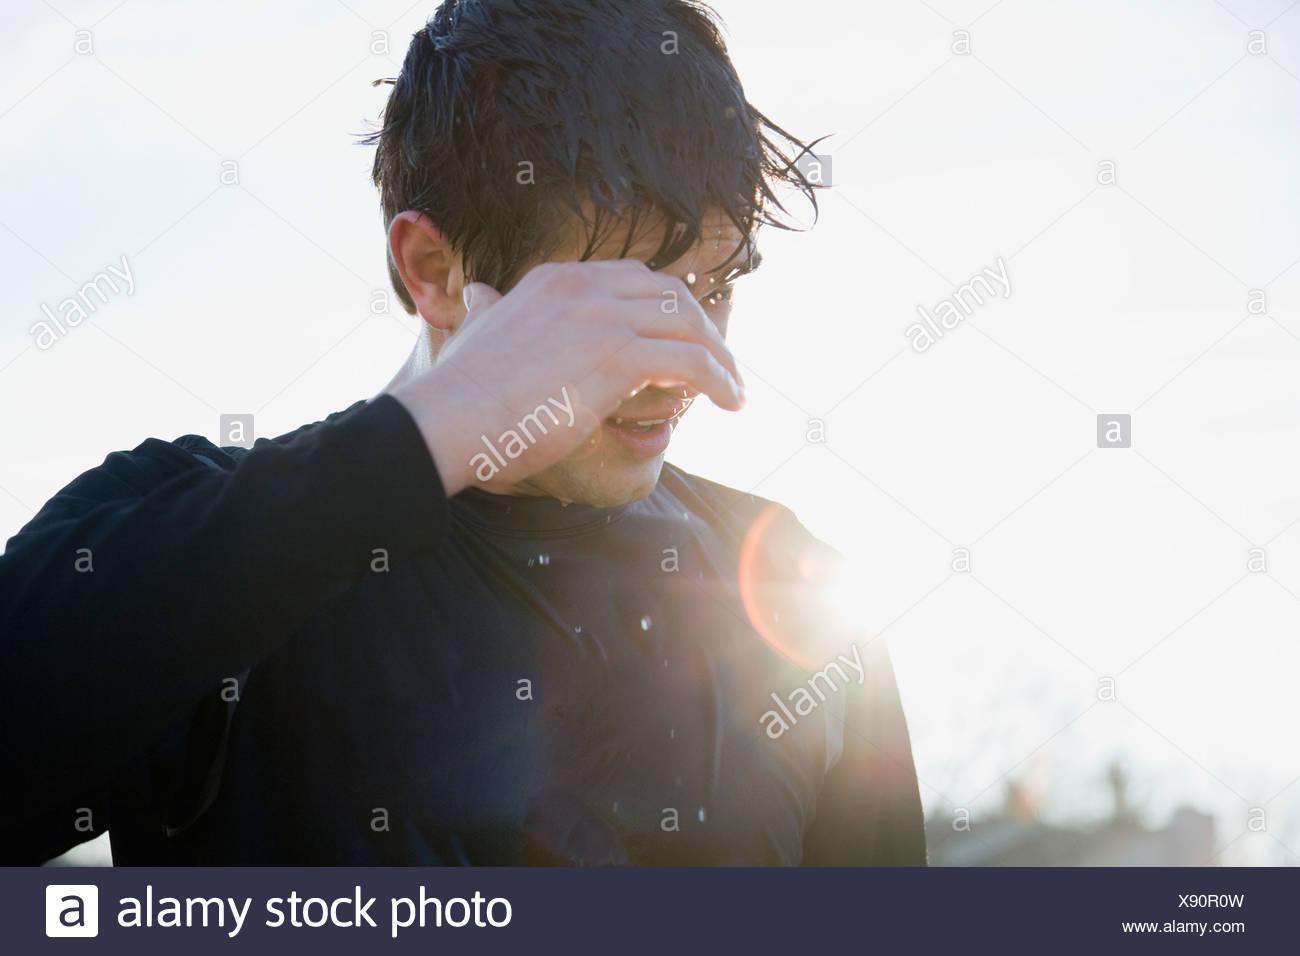 USA, Michigan, Mann in Sportbekleidung von Sonne beschienen zurück Stockbild